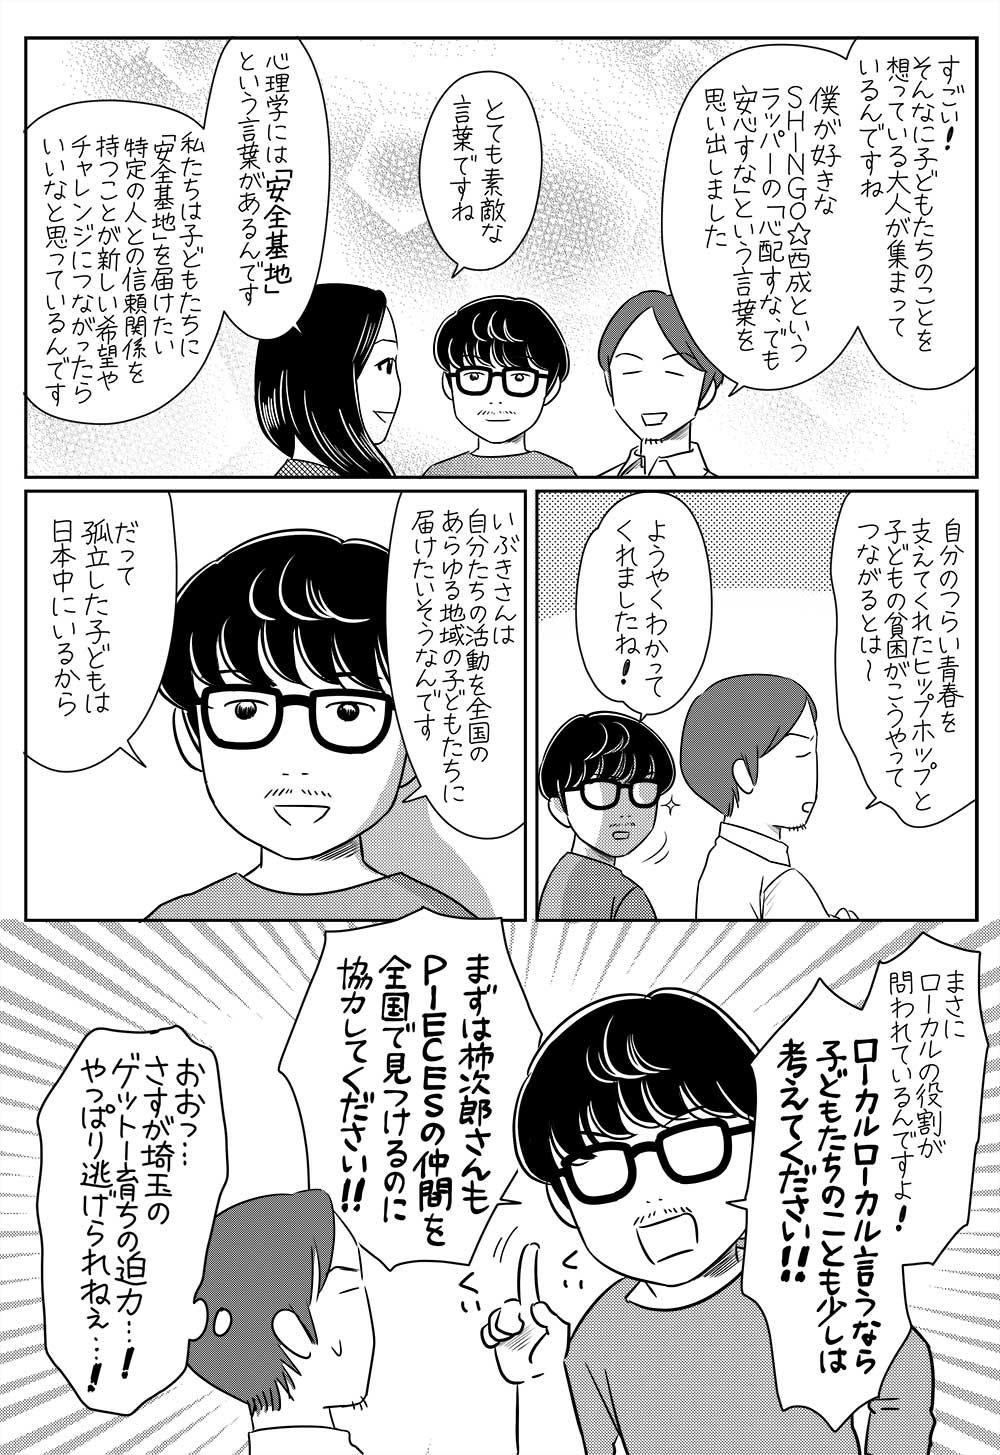 f:id:kakijiro:20170501004320j:plain